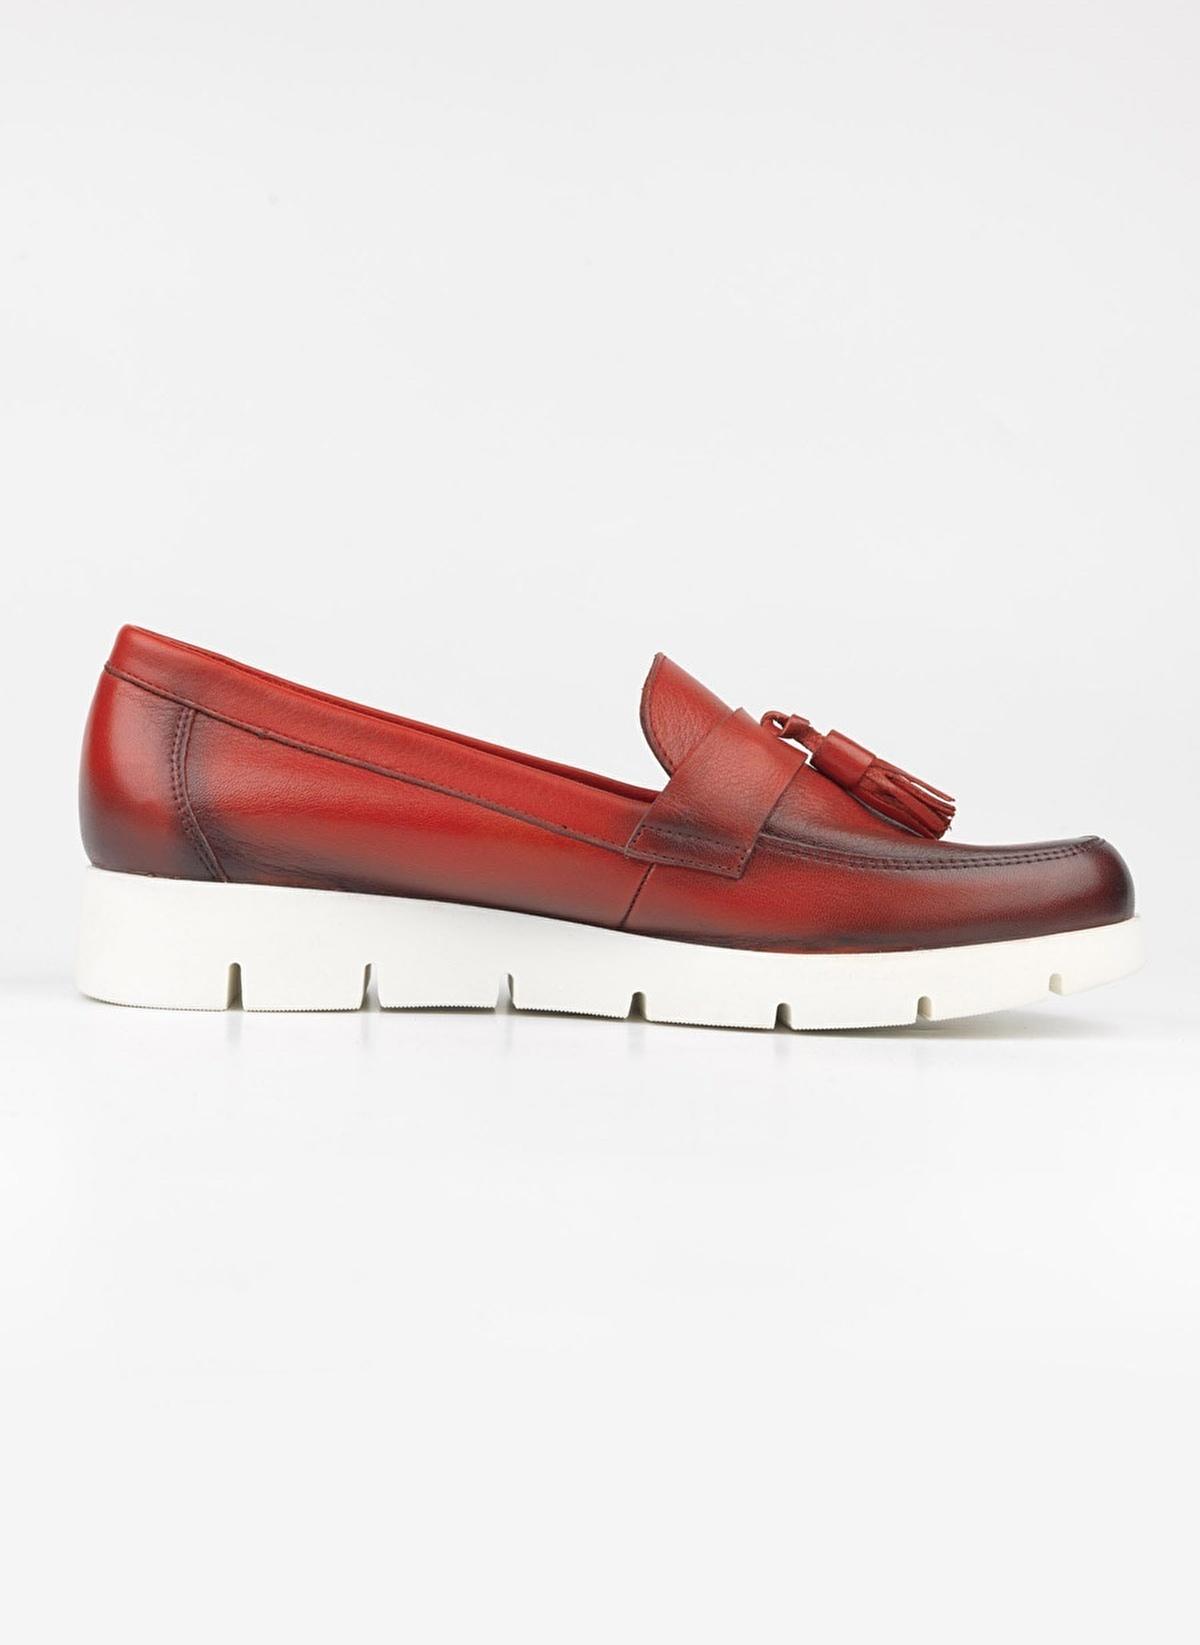 7d36324d3e13c Riccardo Colli Kadın Hakiki Deri Ayakkabı 823-25-Dnp/ Kırmızı ...